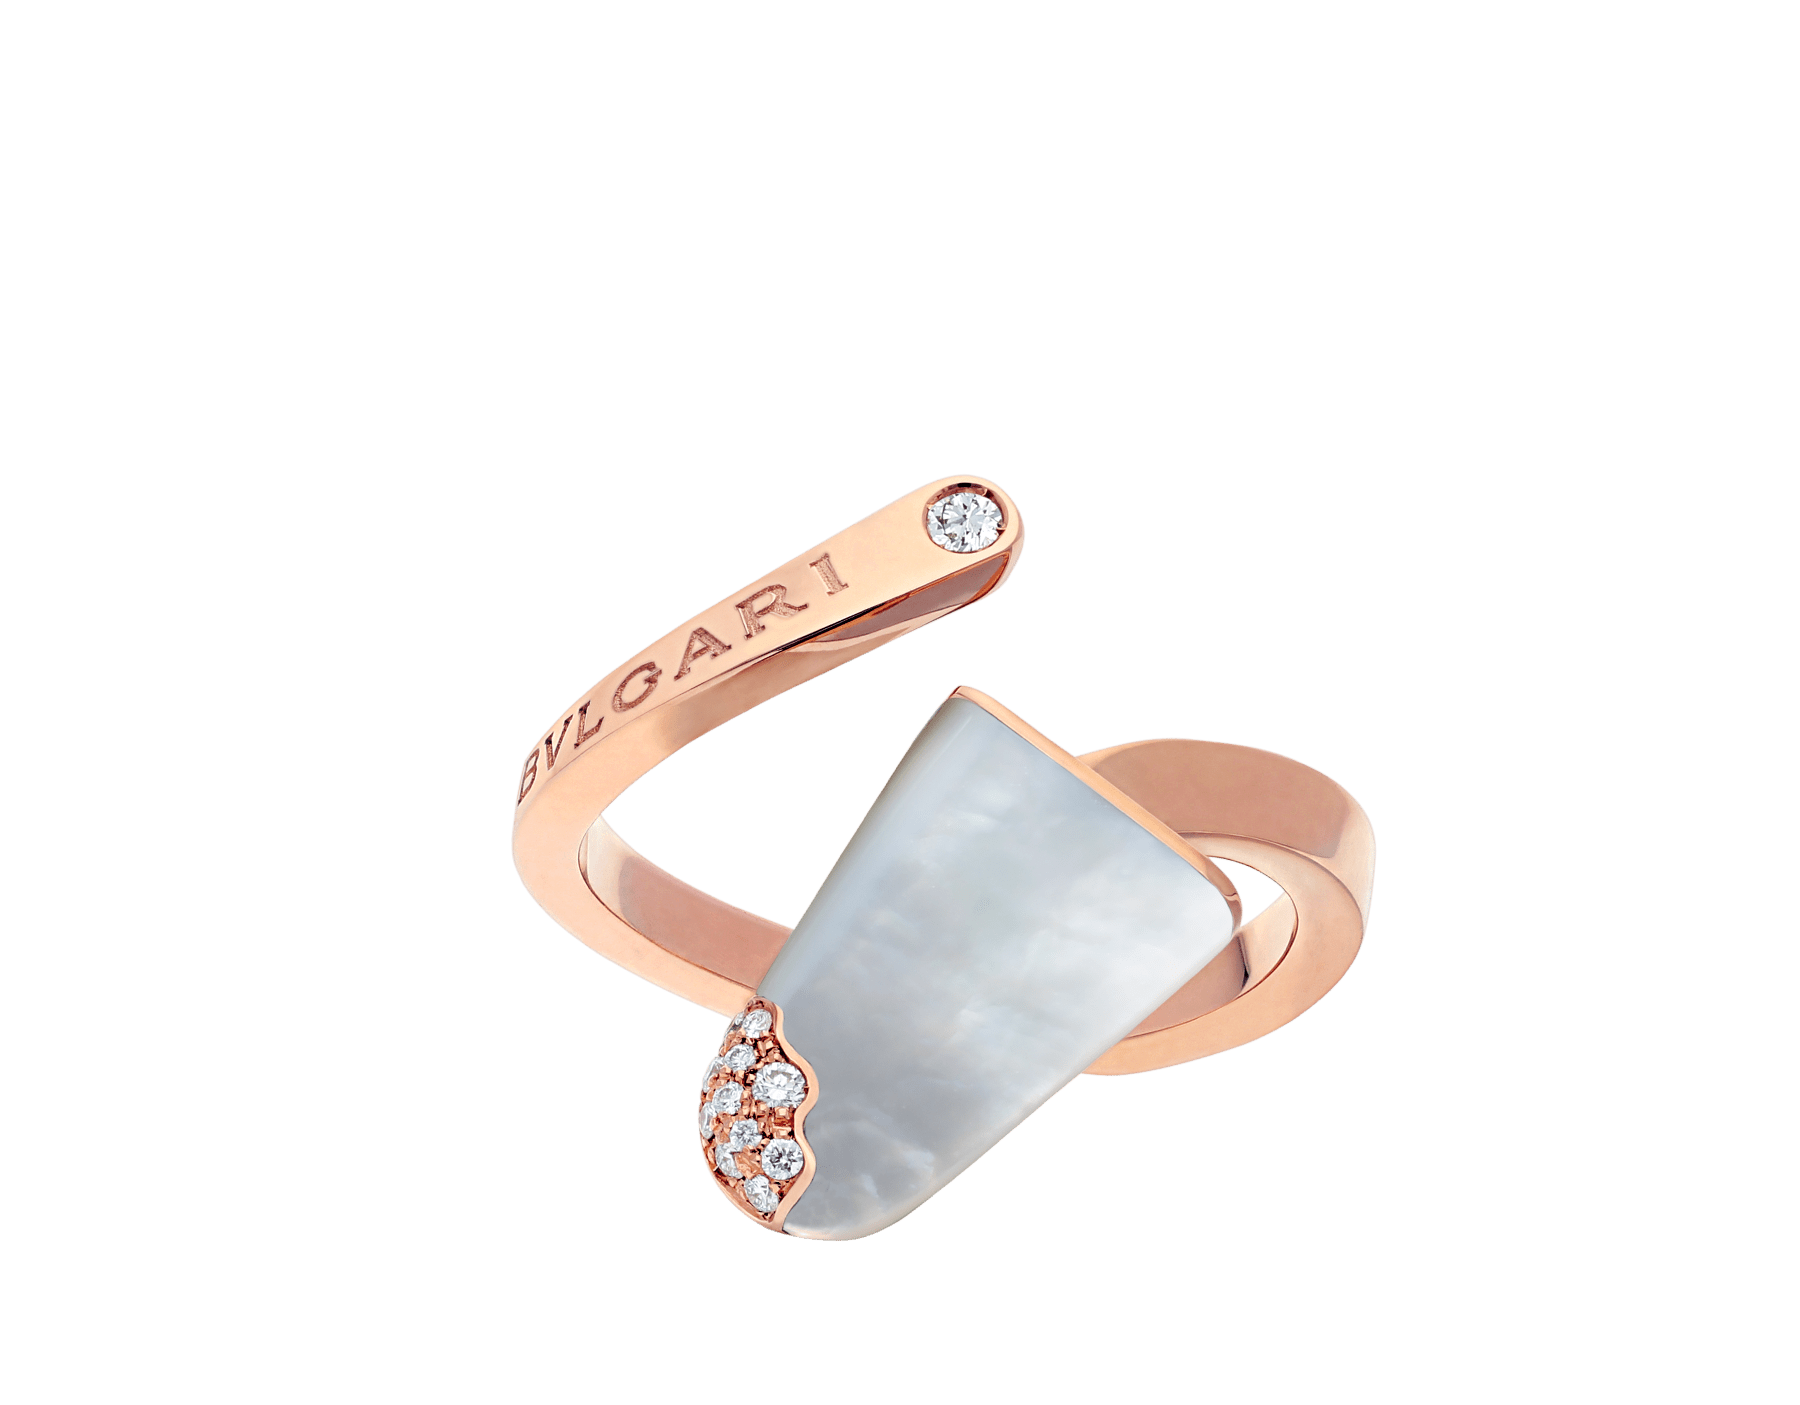 Anel BVLGARIBVLGARI Gelati em ouro rosa 18K cravejado com madrepérola e pavê de diamantes AN858014 image 1